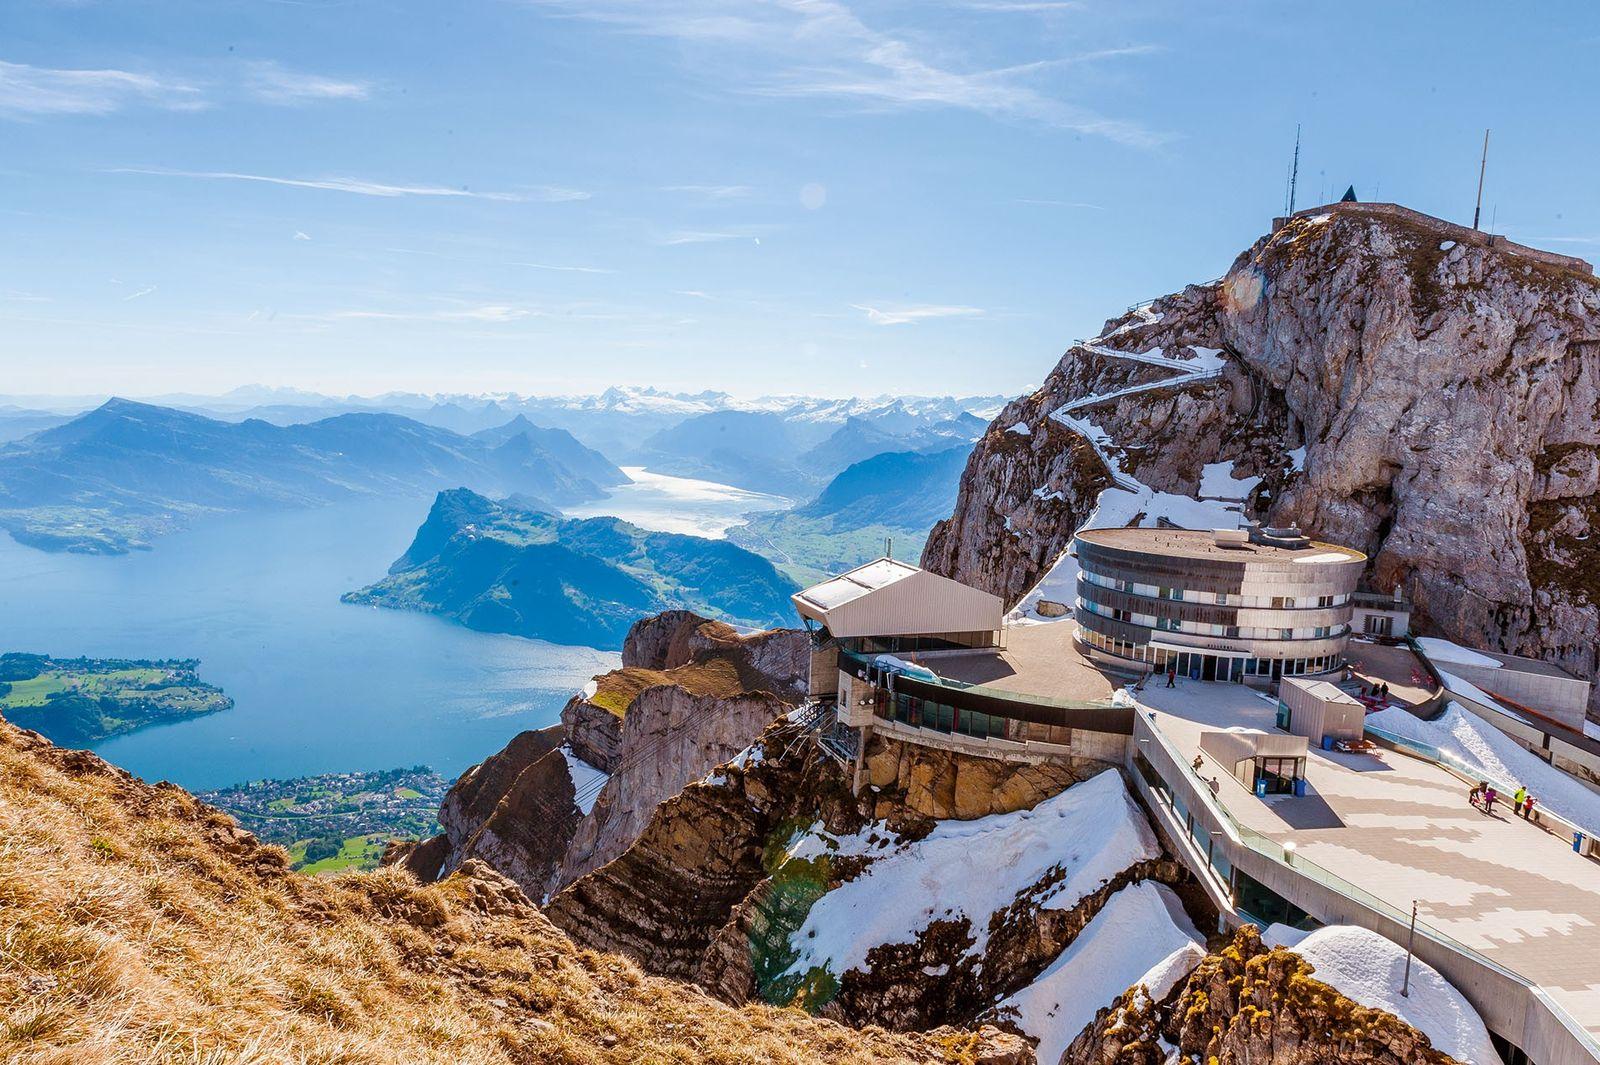 Hotel Bellevue, Mount Pilatus, Switzerland